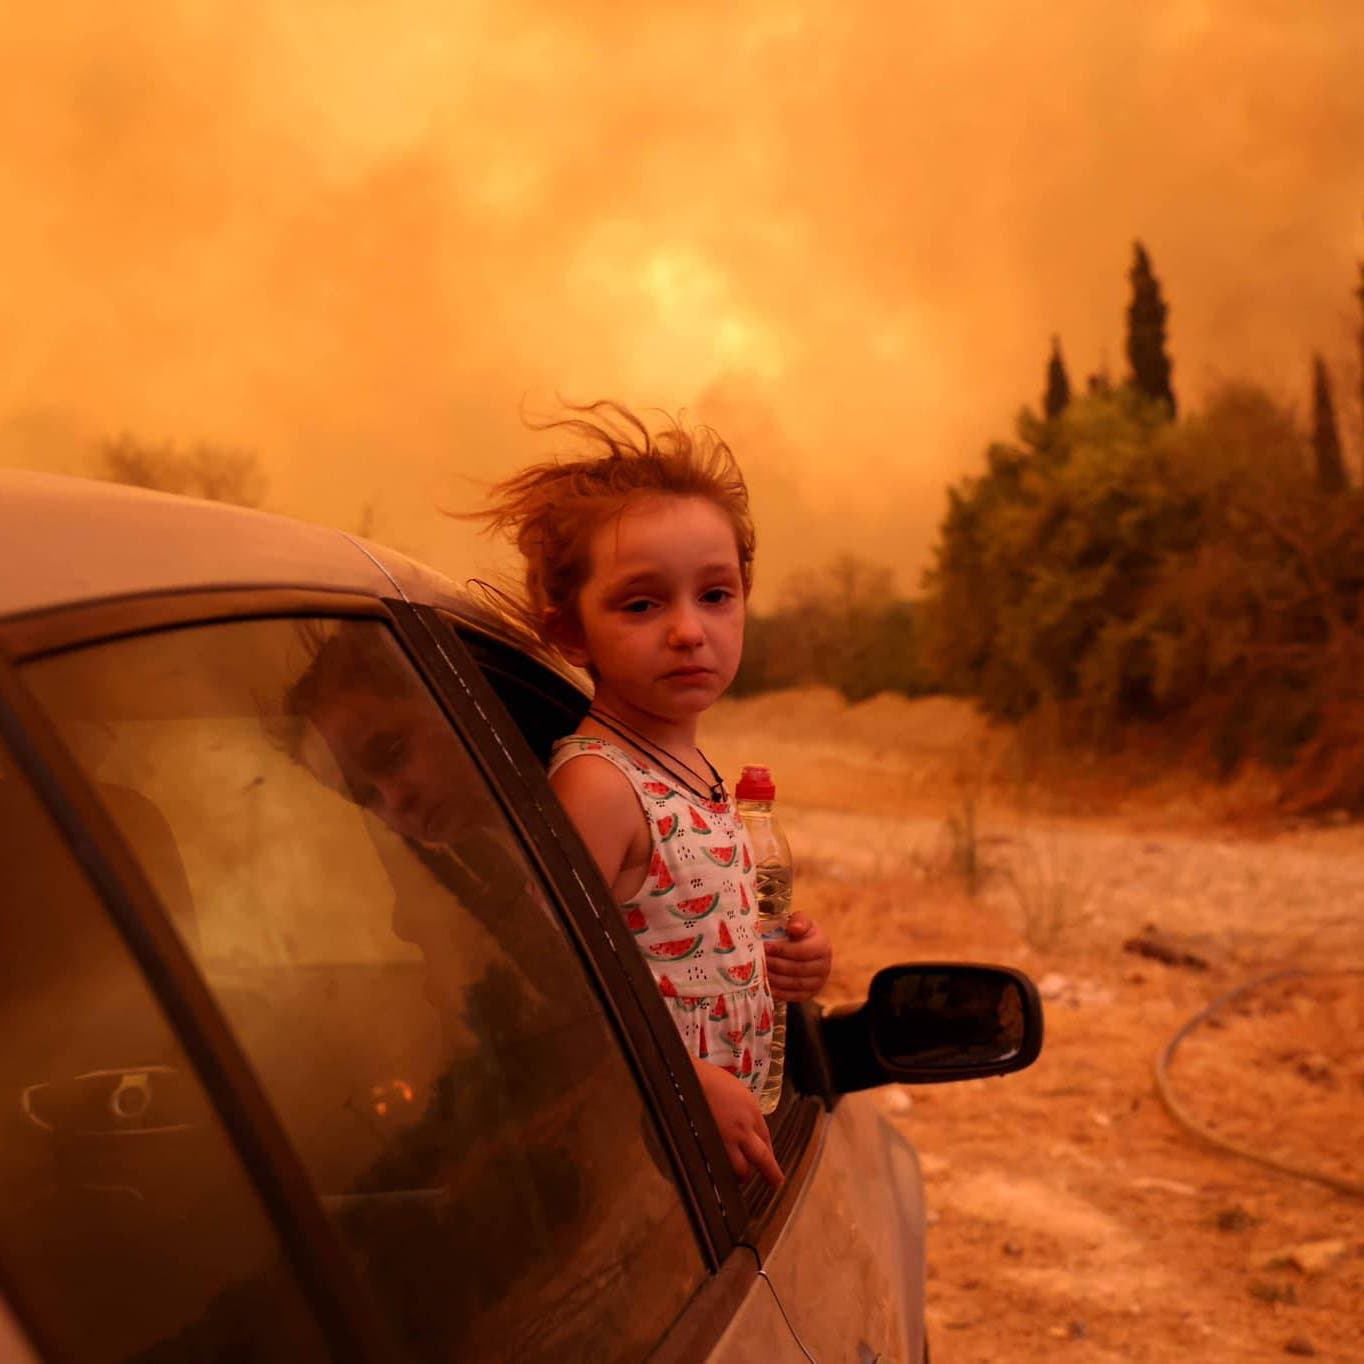 حرائق الجزائر واليونان.. تعددت الأماكن والمأساة واحدة!